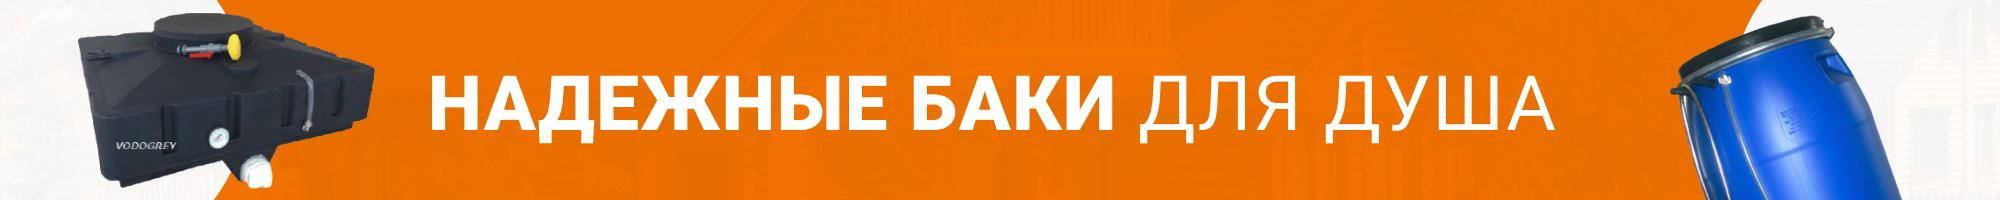 Интернет магазин баков для душа Водогрей-Маркет ру